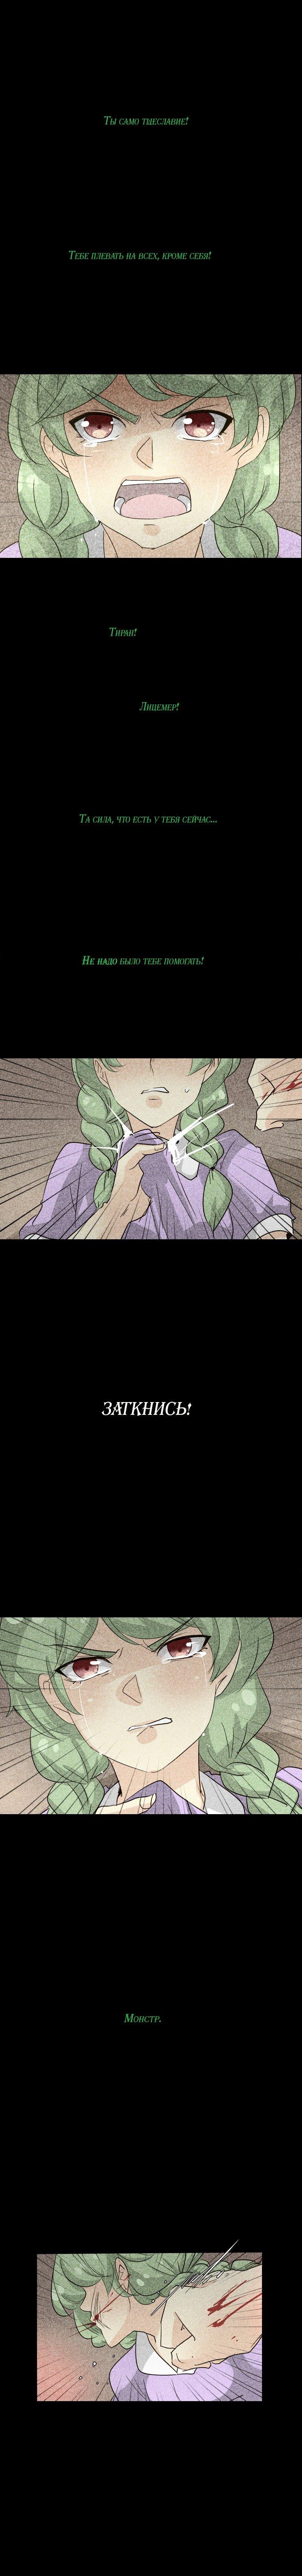 Манга неОРДИНАРНЫЕ / unORDINARY  - Том 1 Глава 110 Страница 3